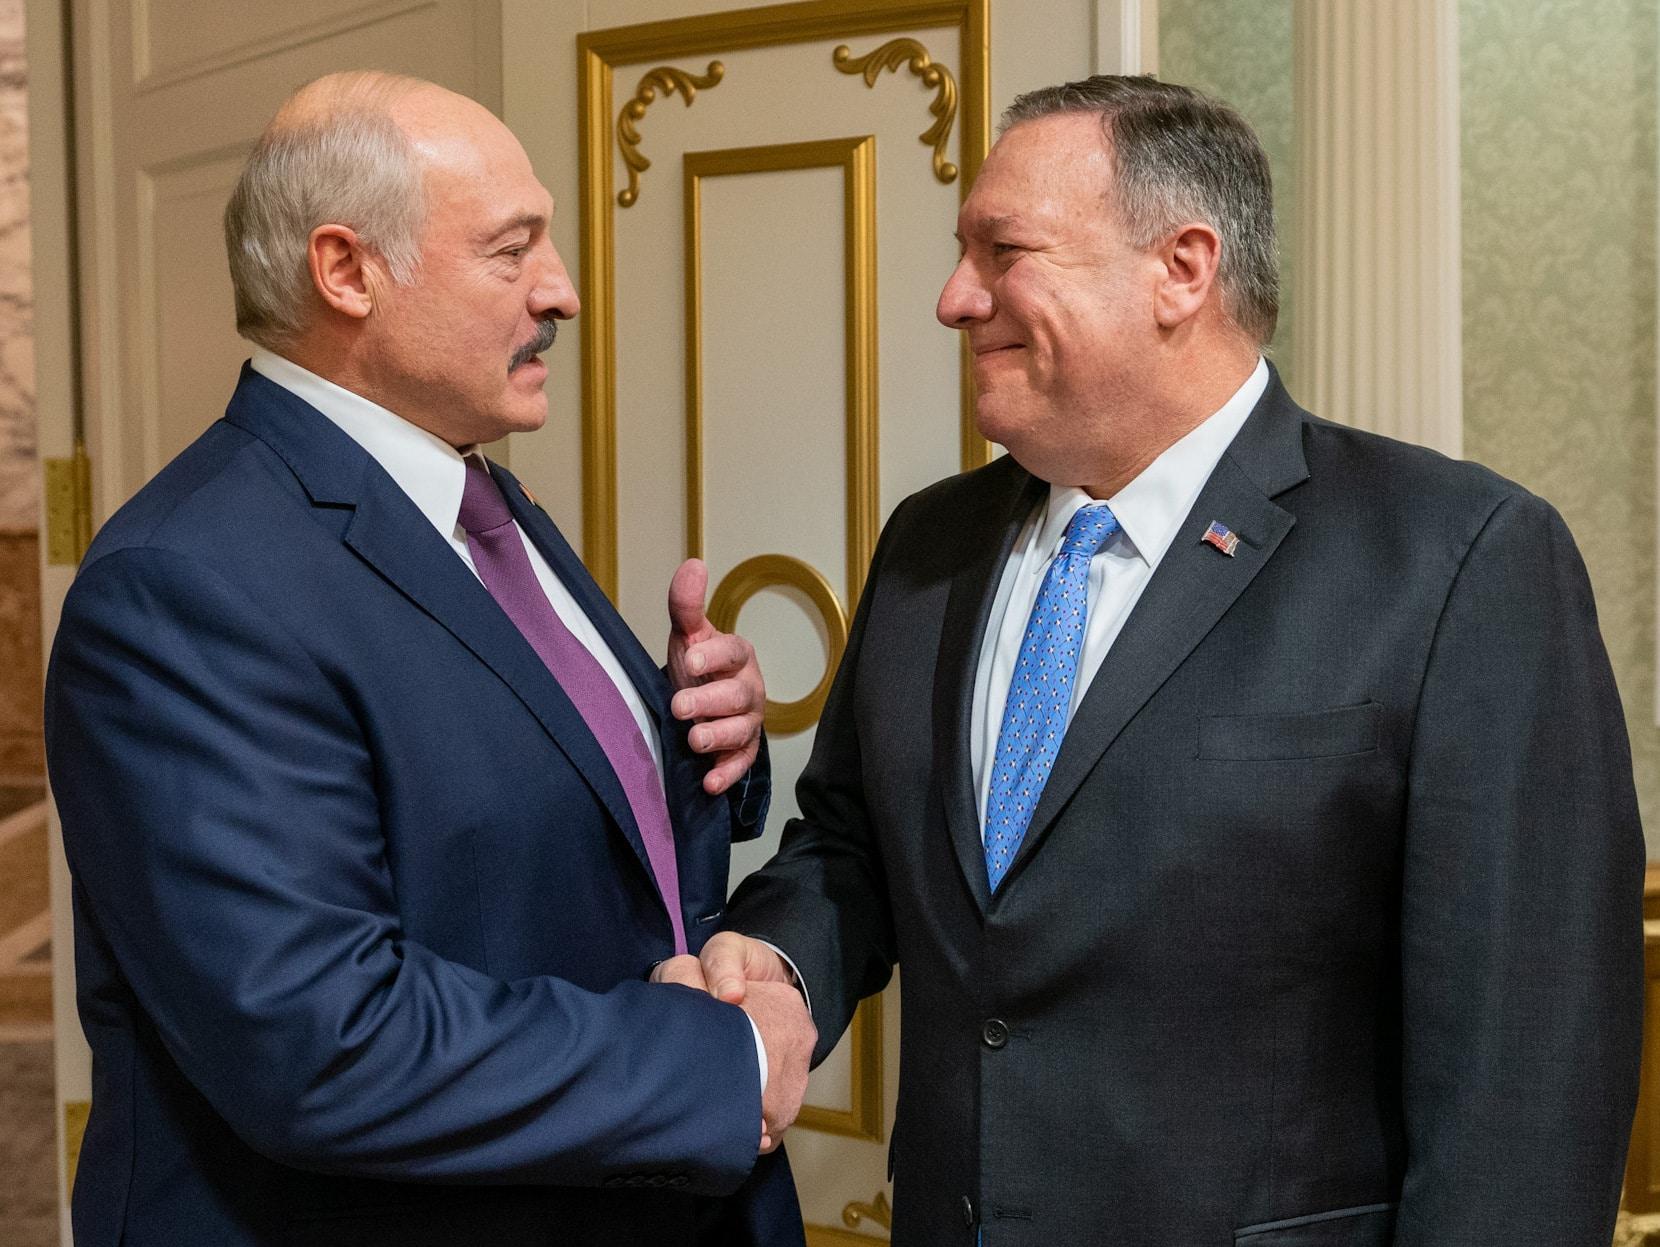 Новый раунд противостояния? Лукашенко встречается с Помпео и обвиняет Россию в обмане с газом